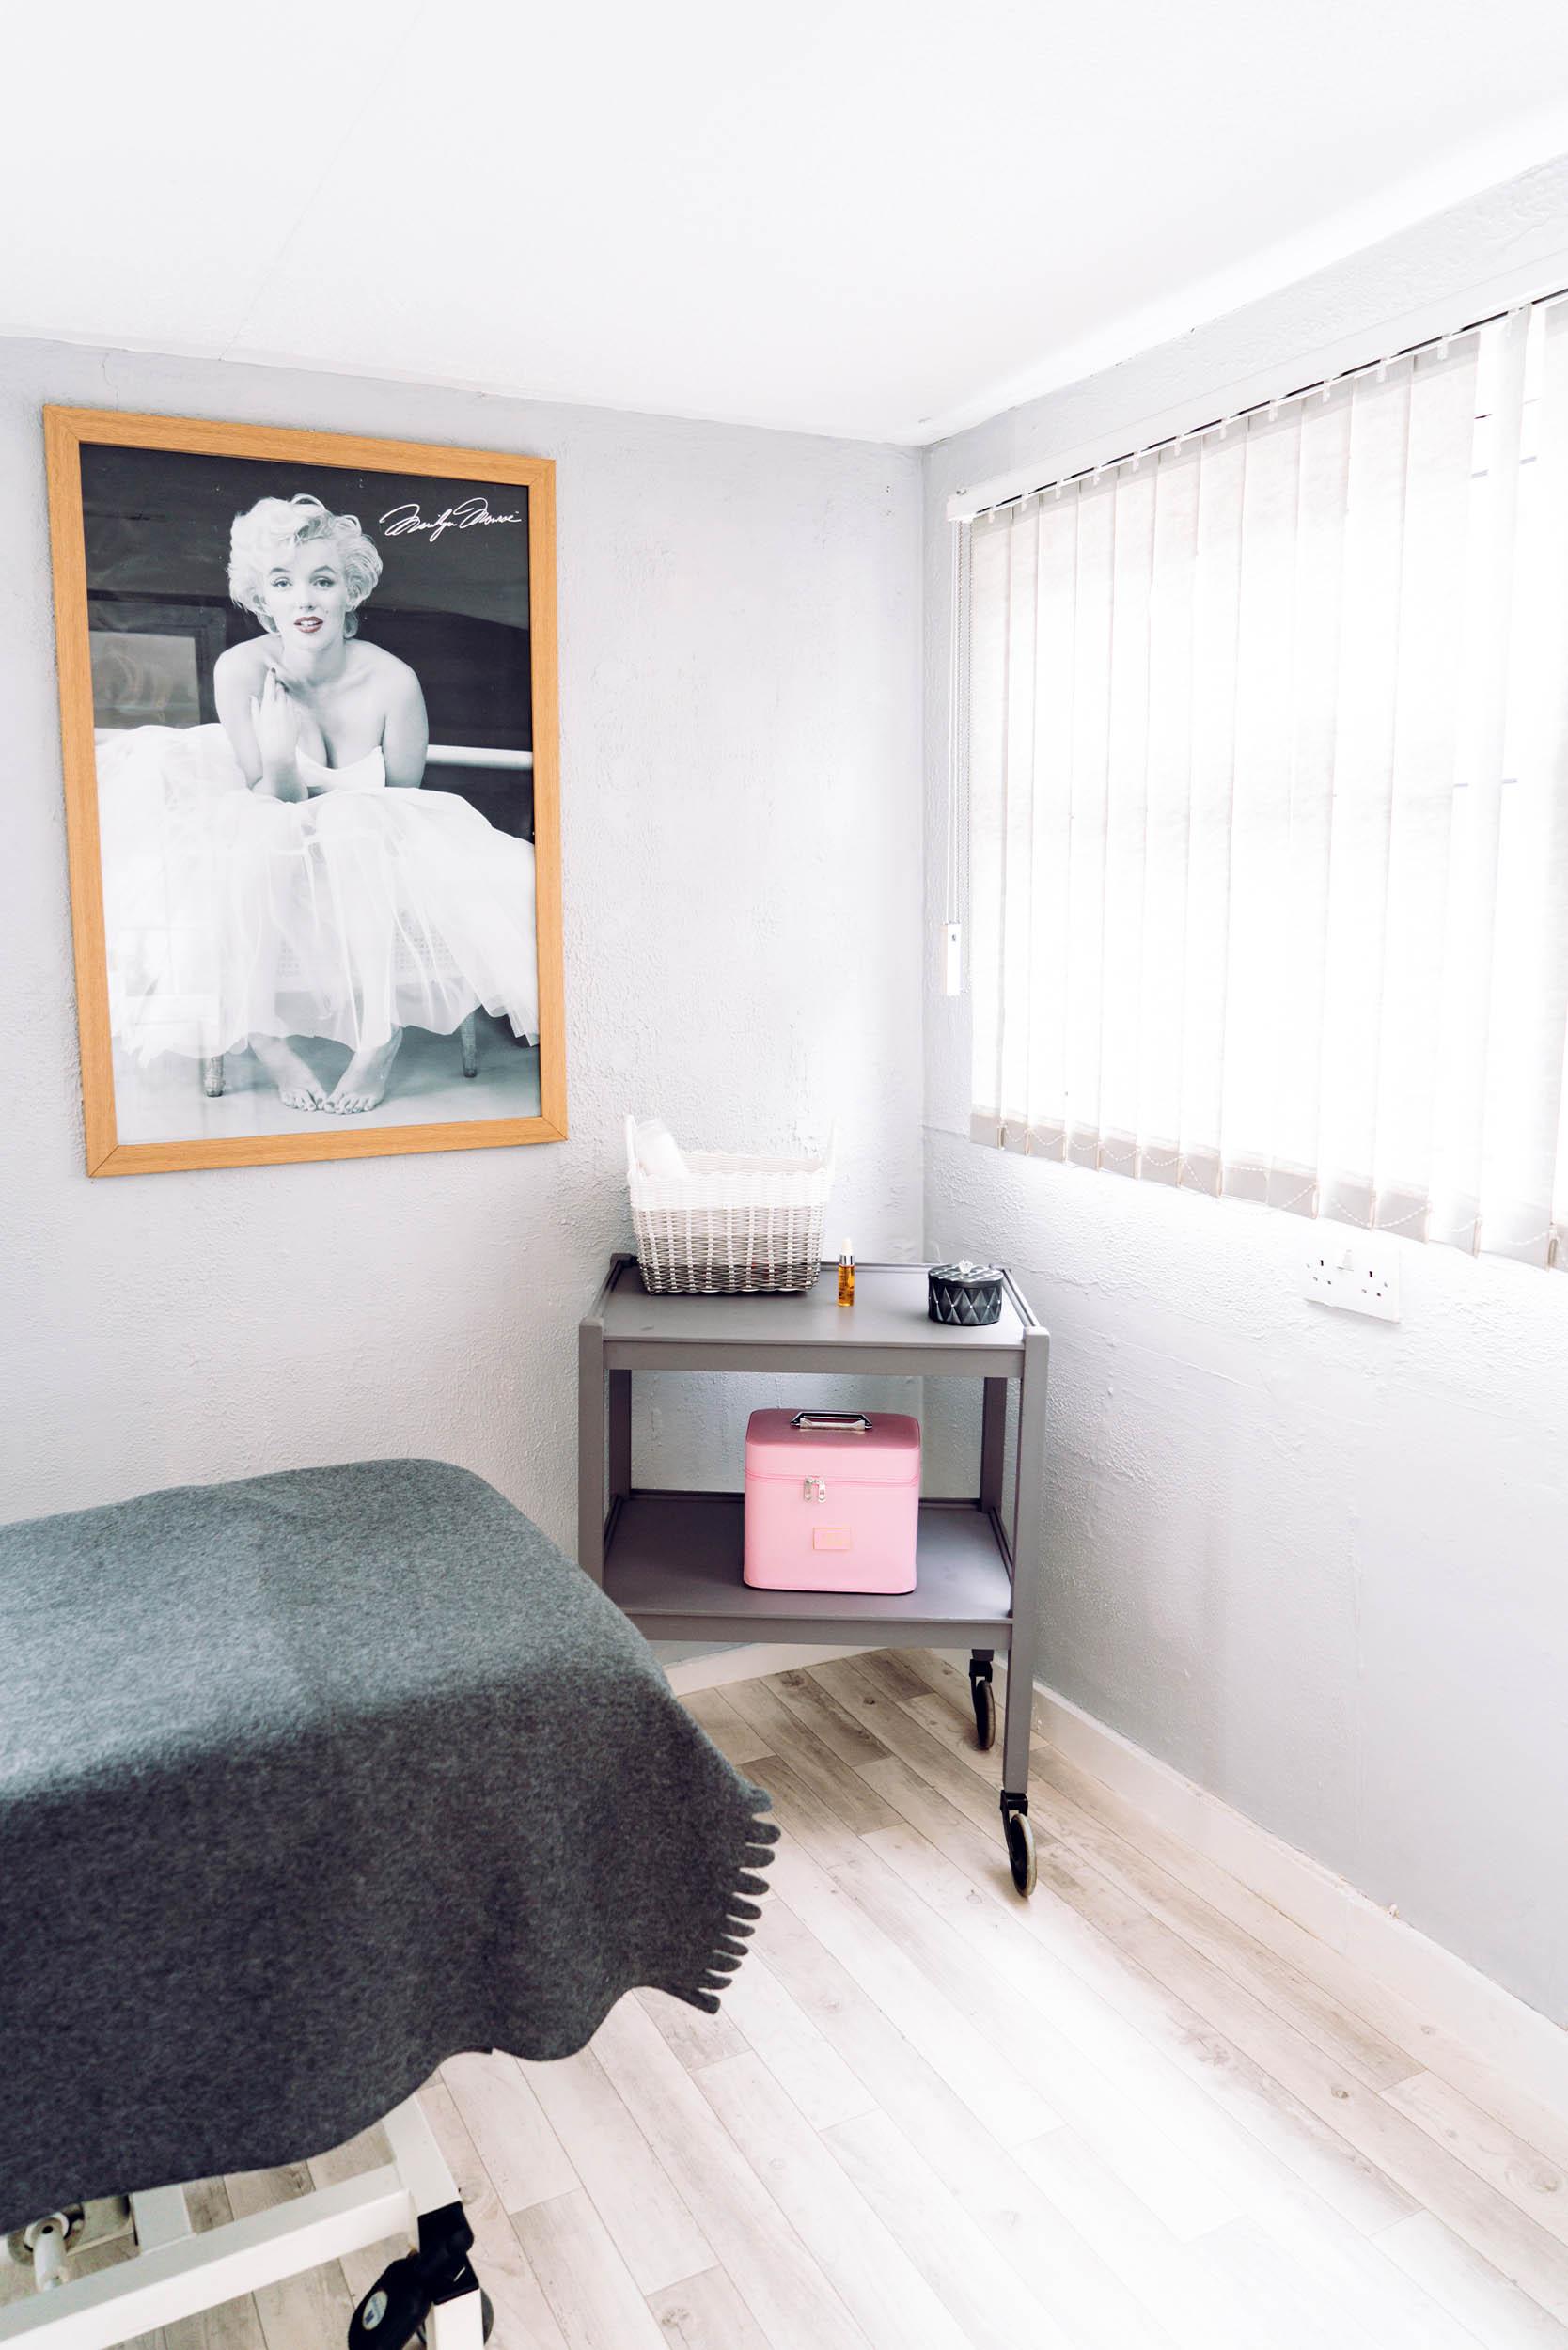 FST Beauty - Mersea Salon - Colchester, Essex 11.jpg